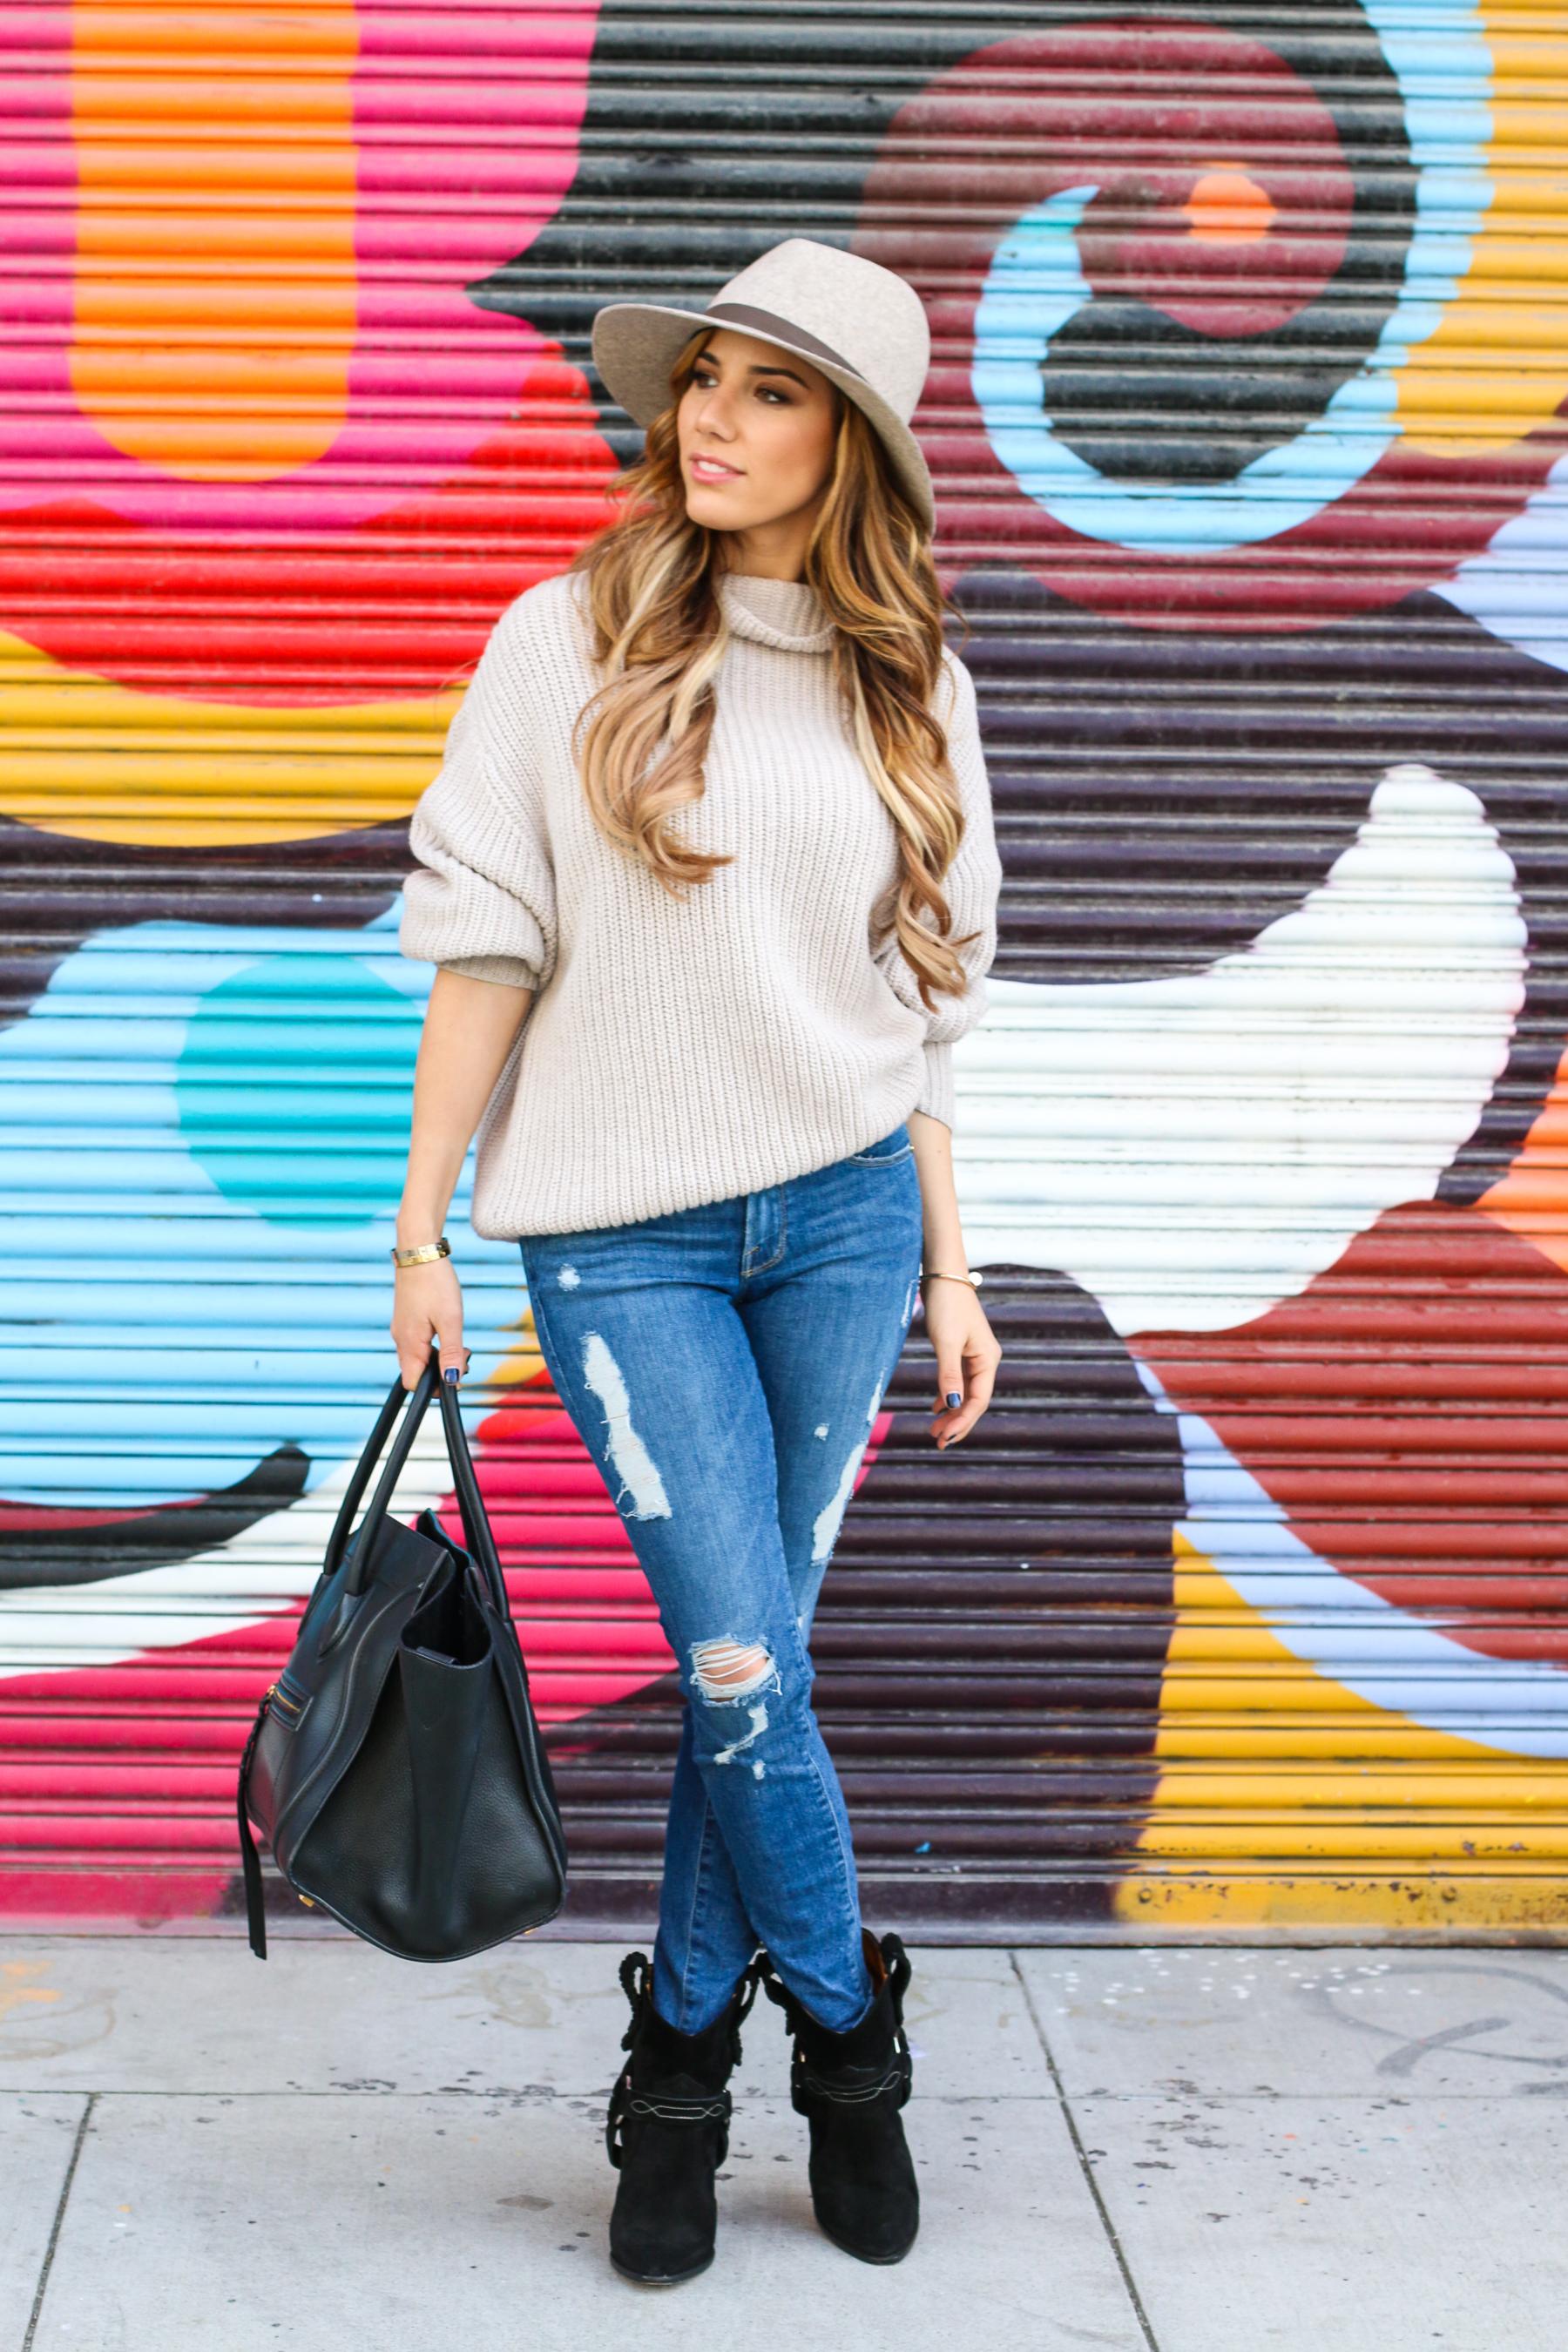 Ariana Lauren FashionBorn Fashion Blogger San Francisco Photography by Ryan Chua-7978